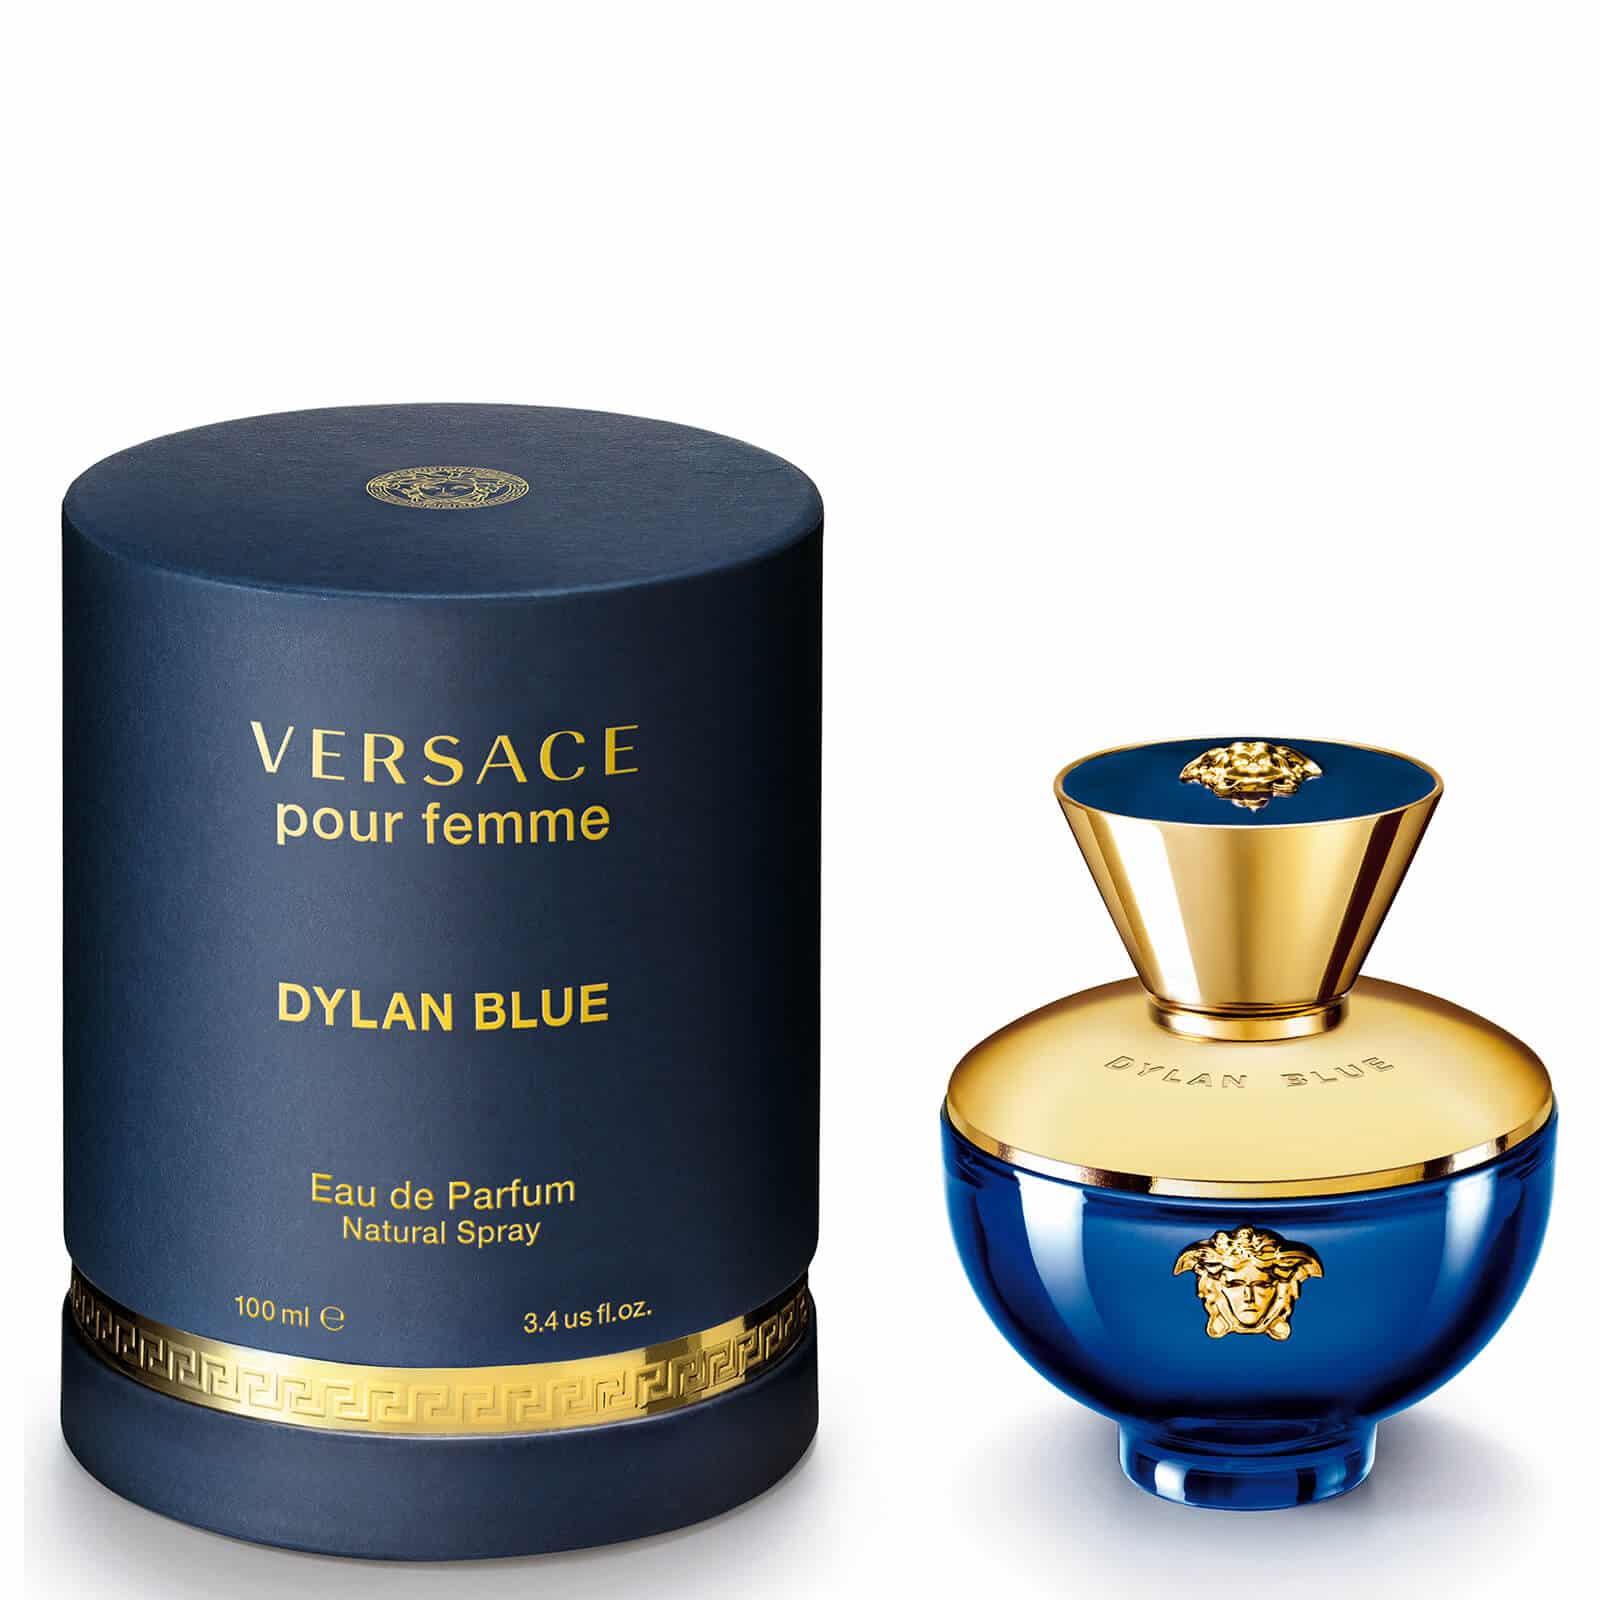 VERSACE DYLAN BLUE F/W E D P 100ML